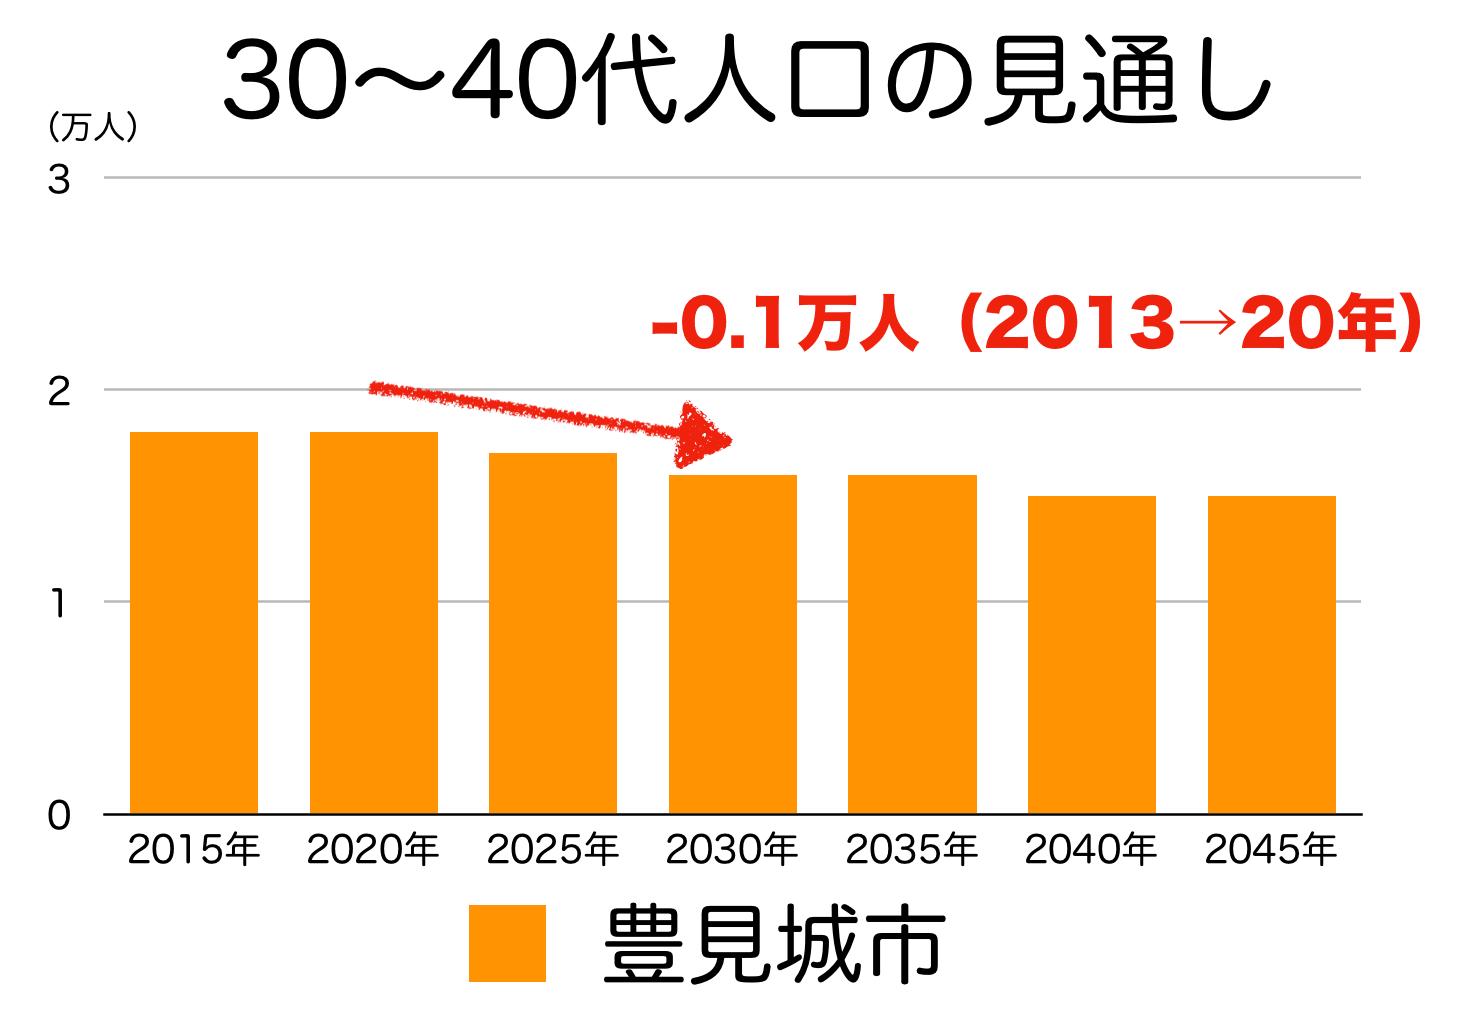 豊見城市の30〜40代人口の予測